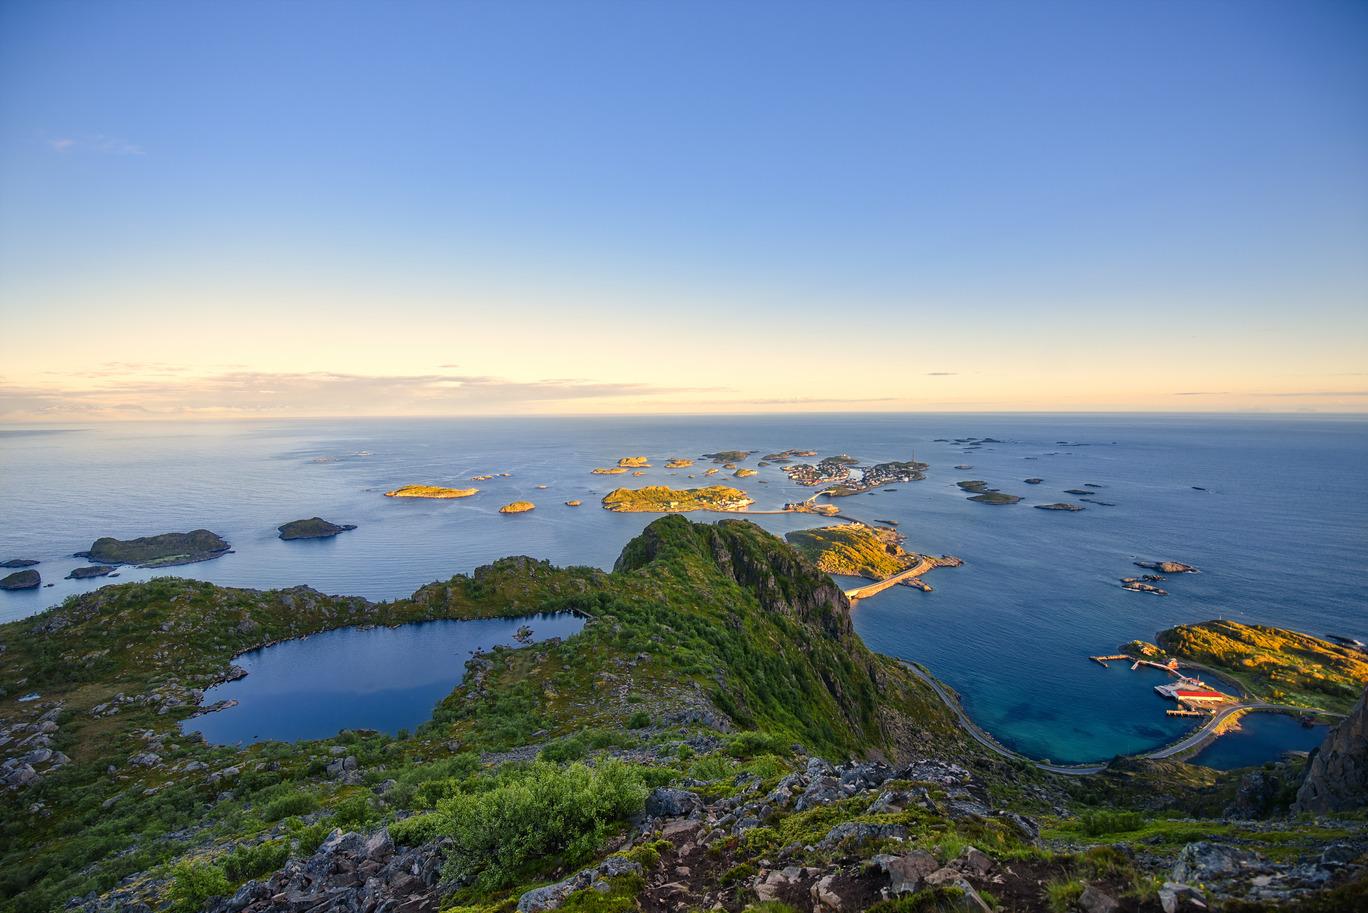 Norska kusten lofoten, vatten och grön natur